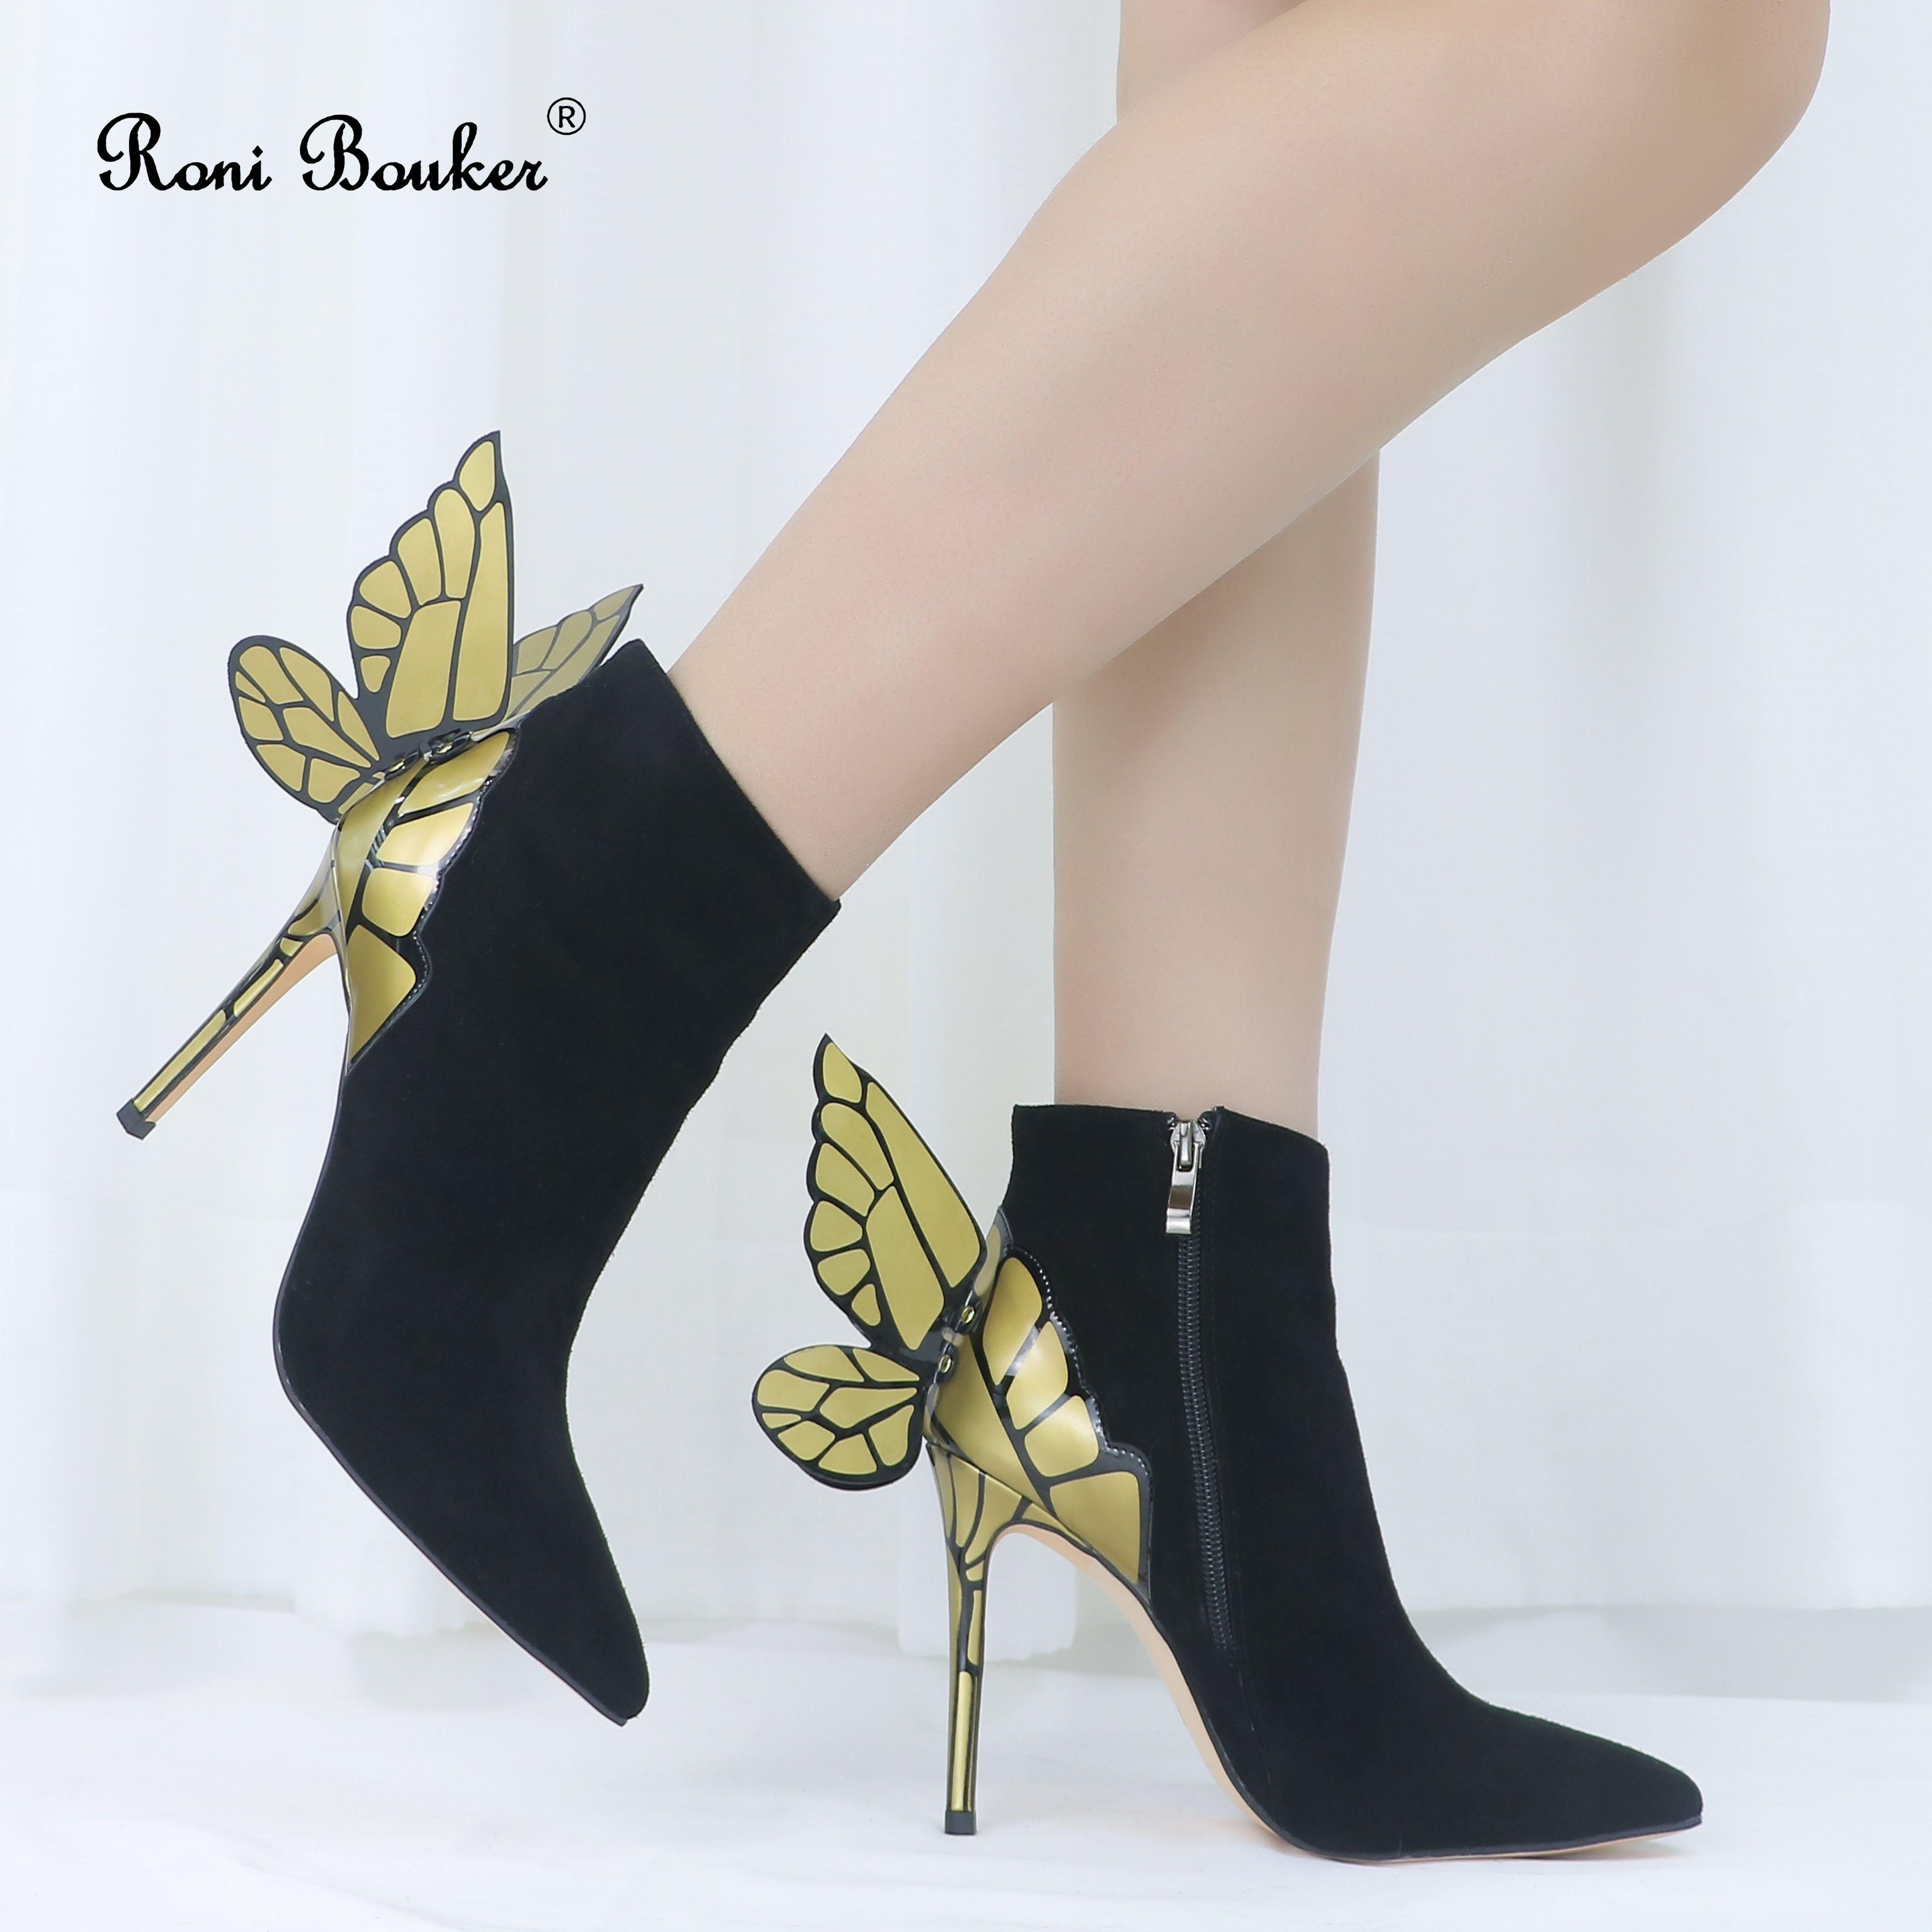 Roni Bouker dames charmant bout pointu noir daim papillon talons hauts bottes courtes ailes d'or talon aiguille bottines femme chaussures